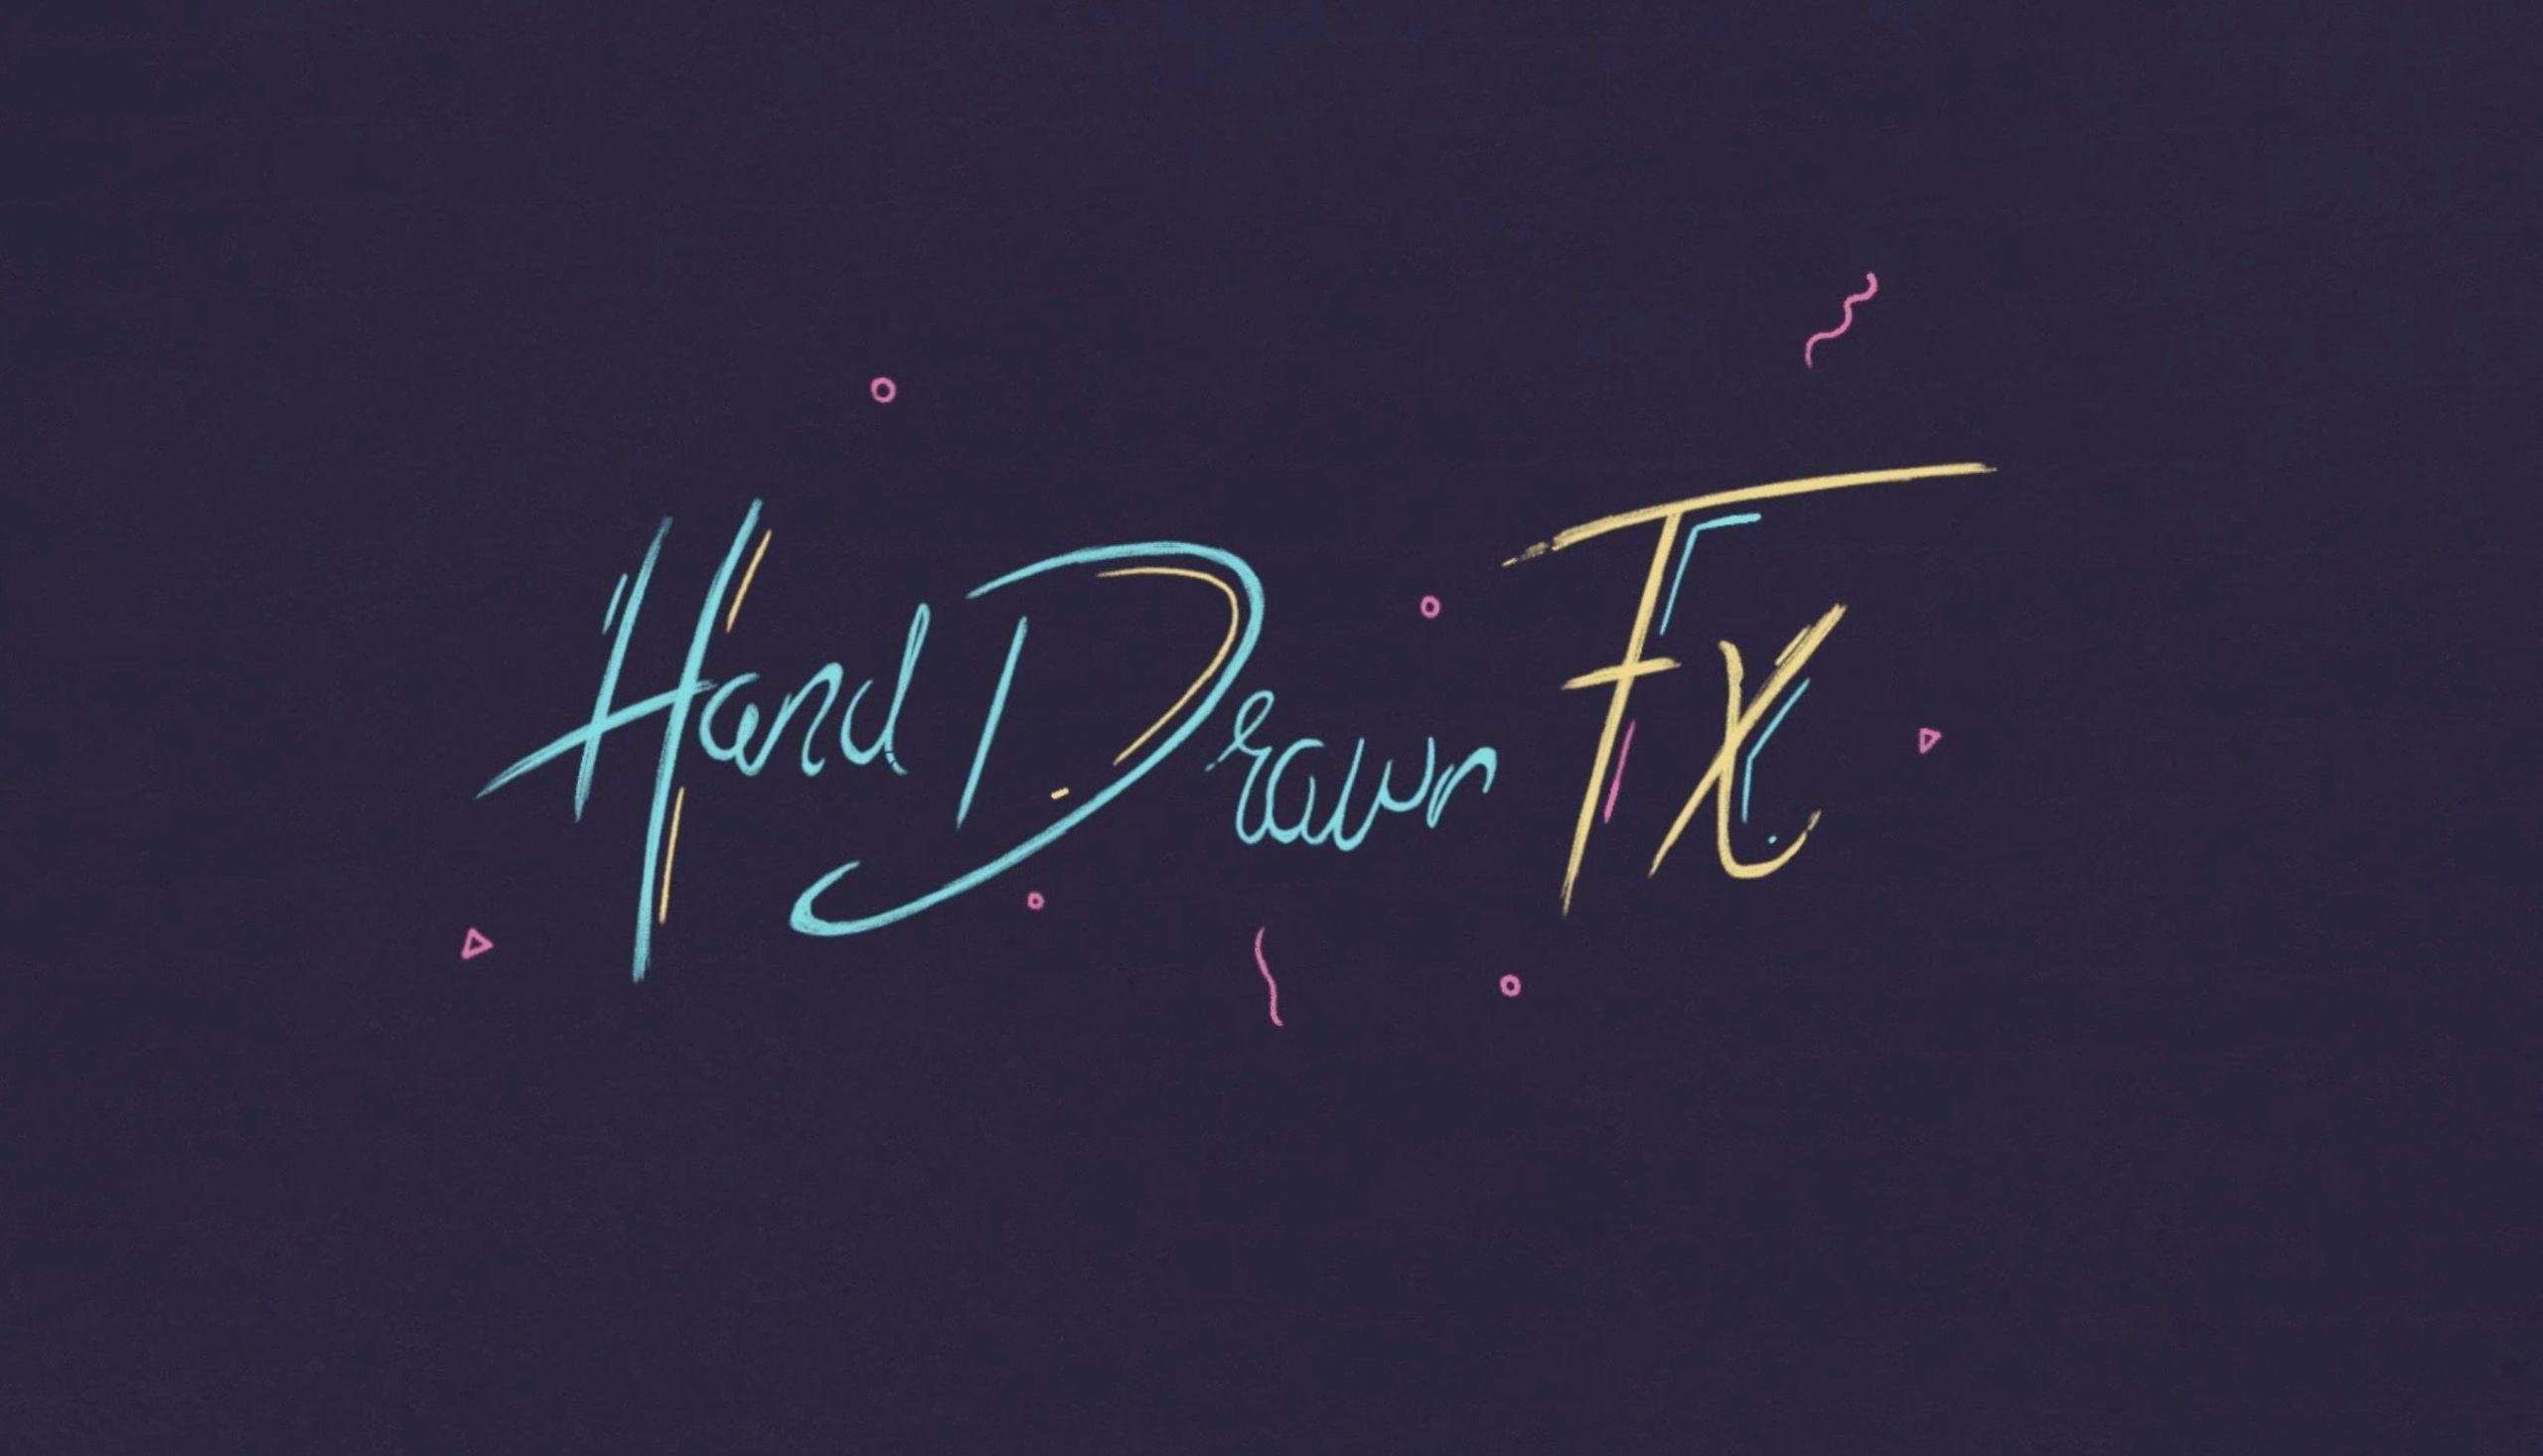 Frame by Frame Handdrawn FX